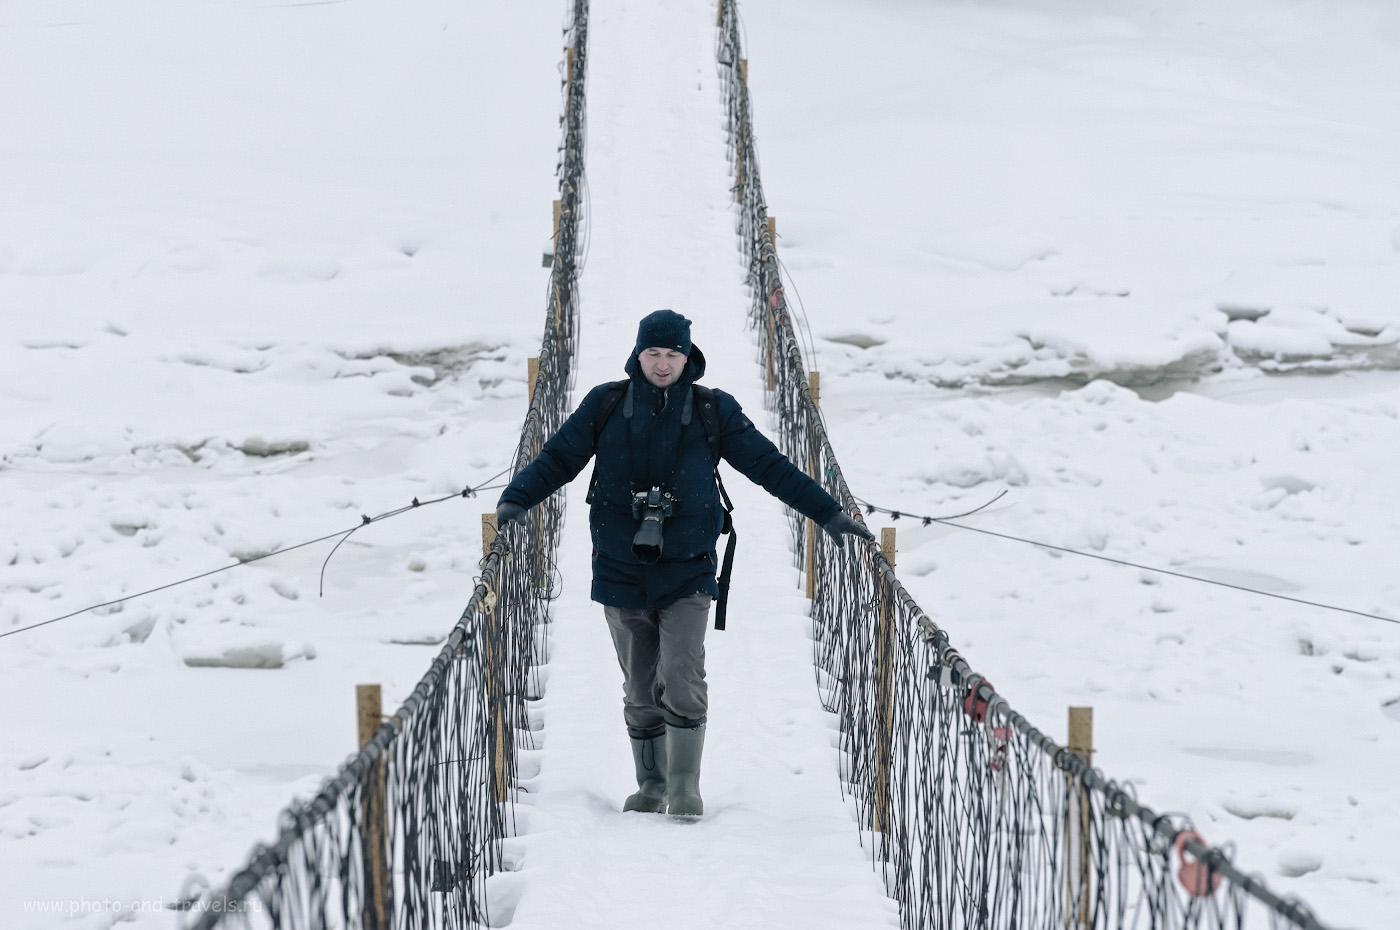 14. Переход висячего моста над рекой Косьва. Экскурсия к горе Ладейная. Снял это фото Николай Обухов (Nikon D610 плюс Nikon 70-300mm f/4.5-5.6G), обработал я. Параметры: 1/500, 11.0, 1800, +0.33, 210.